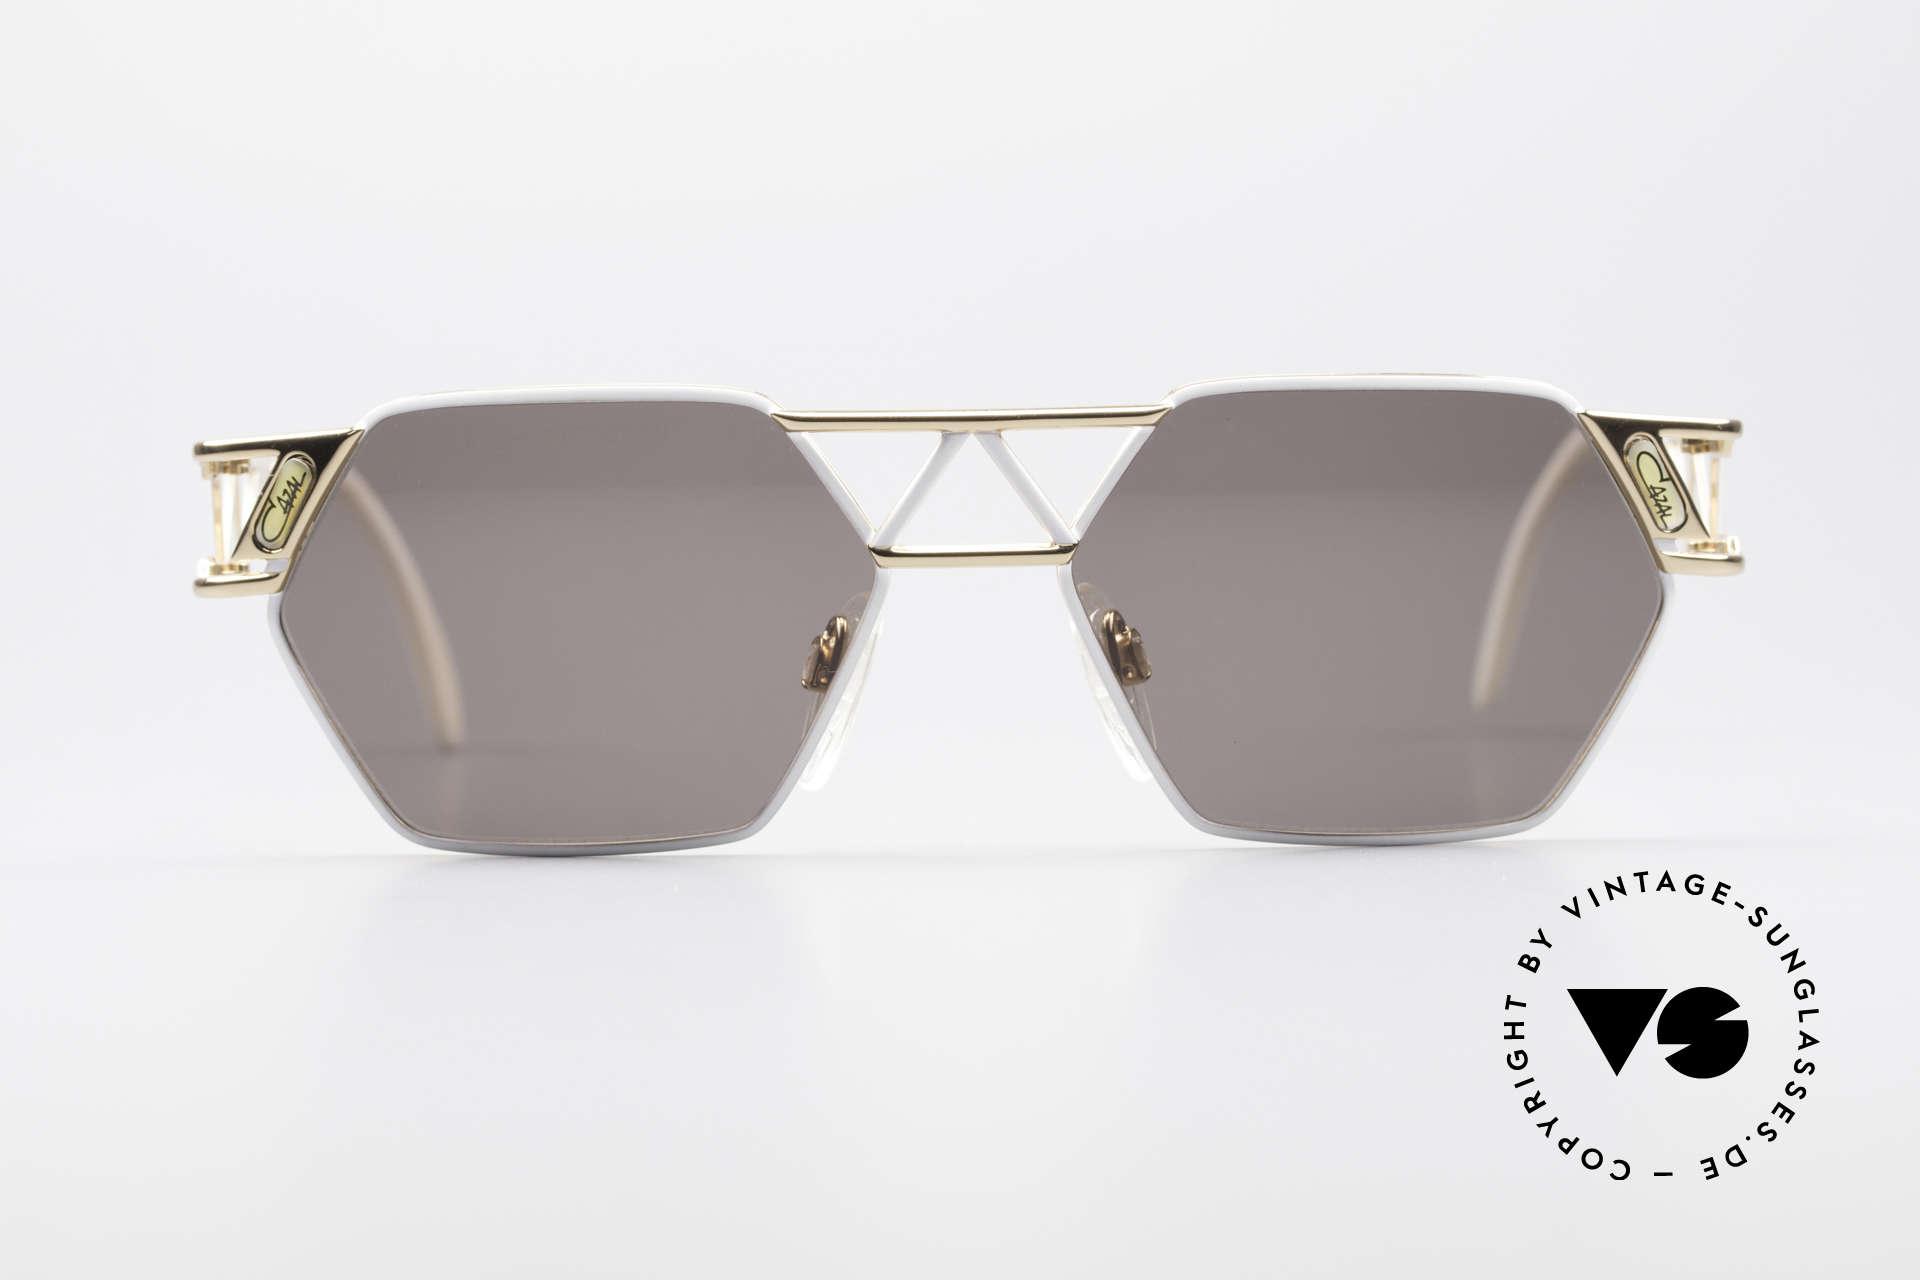 Cazal 960 Rare Designer Sunglasses, immense lovely frame construction; Eiffel Tower Style, Made for Men and Women